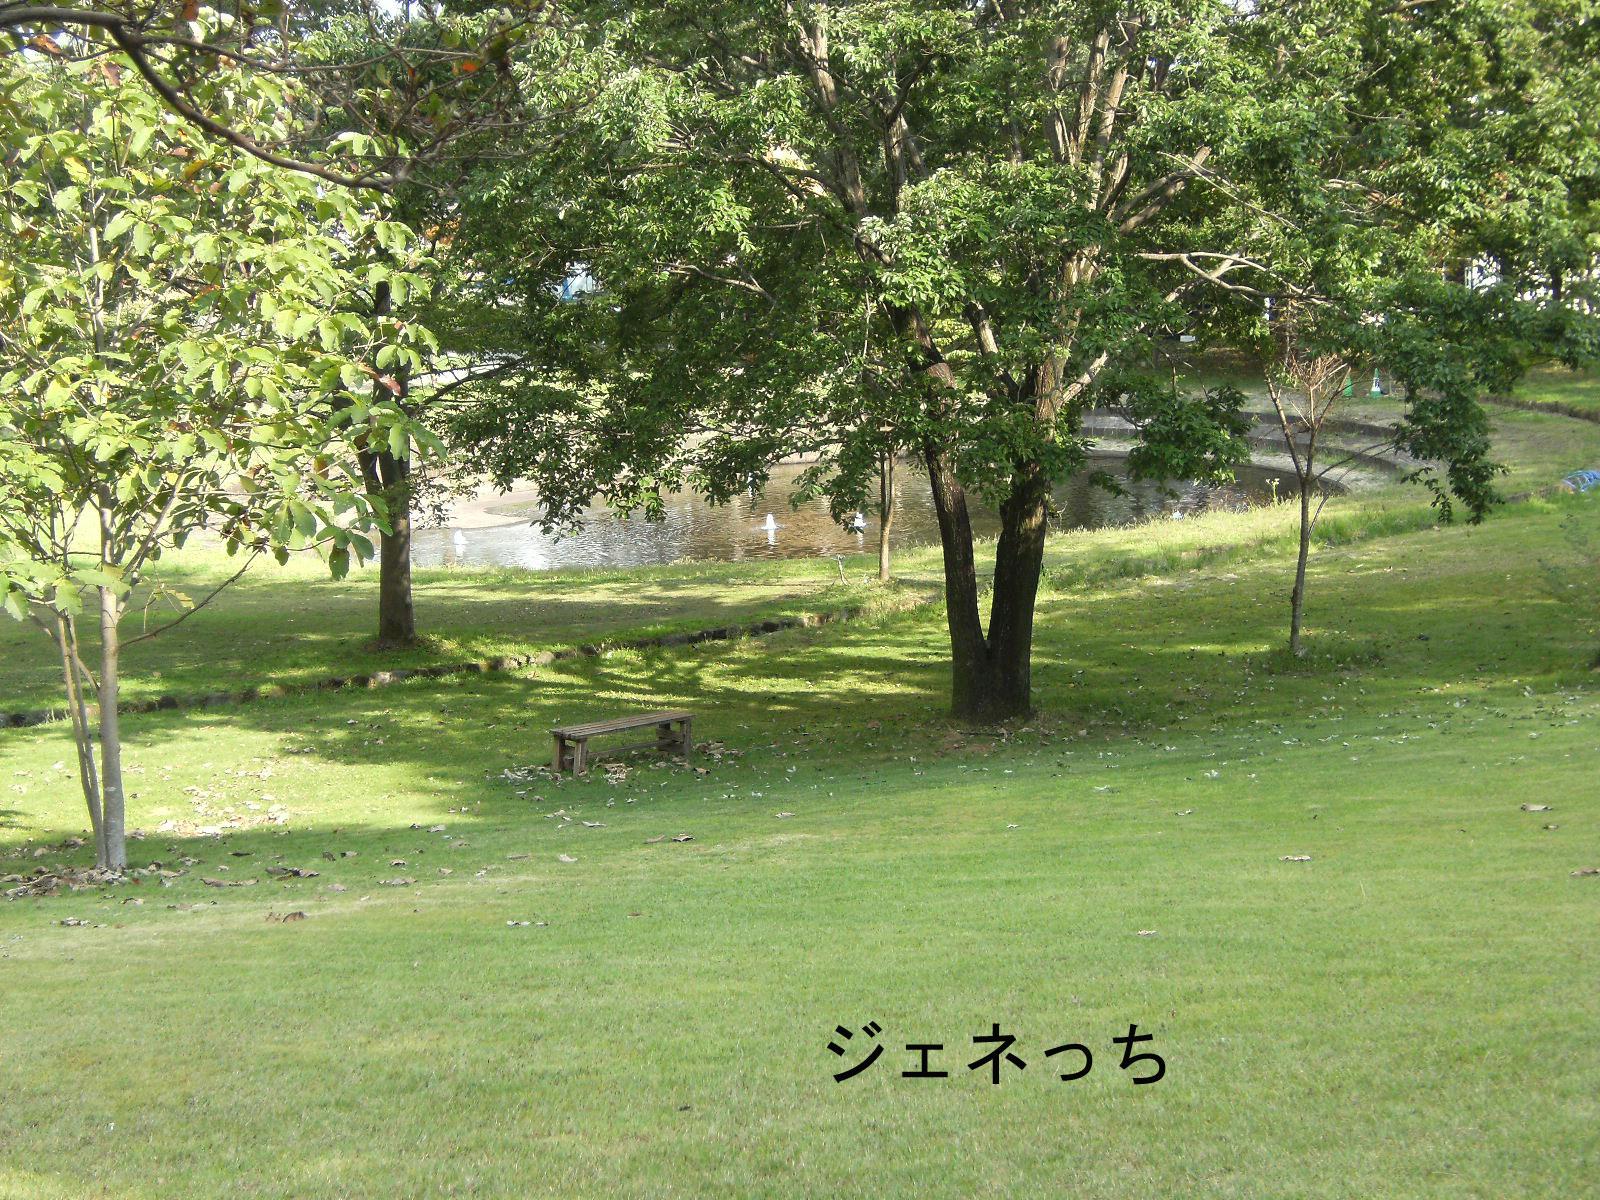 秋の行楽シーズンに向けて、デジカメ・一眼レフカメラ、デビューを考えるなら!!ニコンD3100